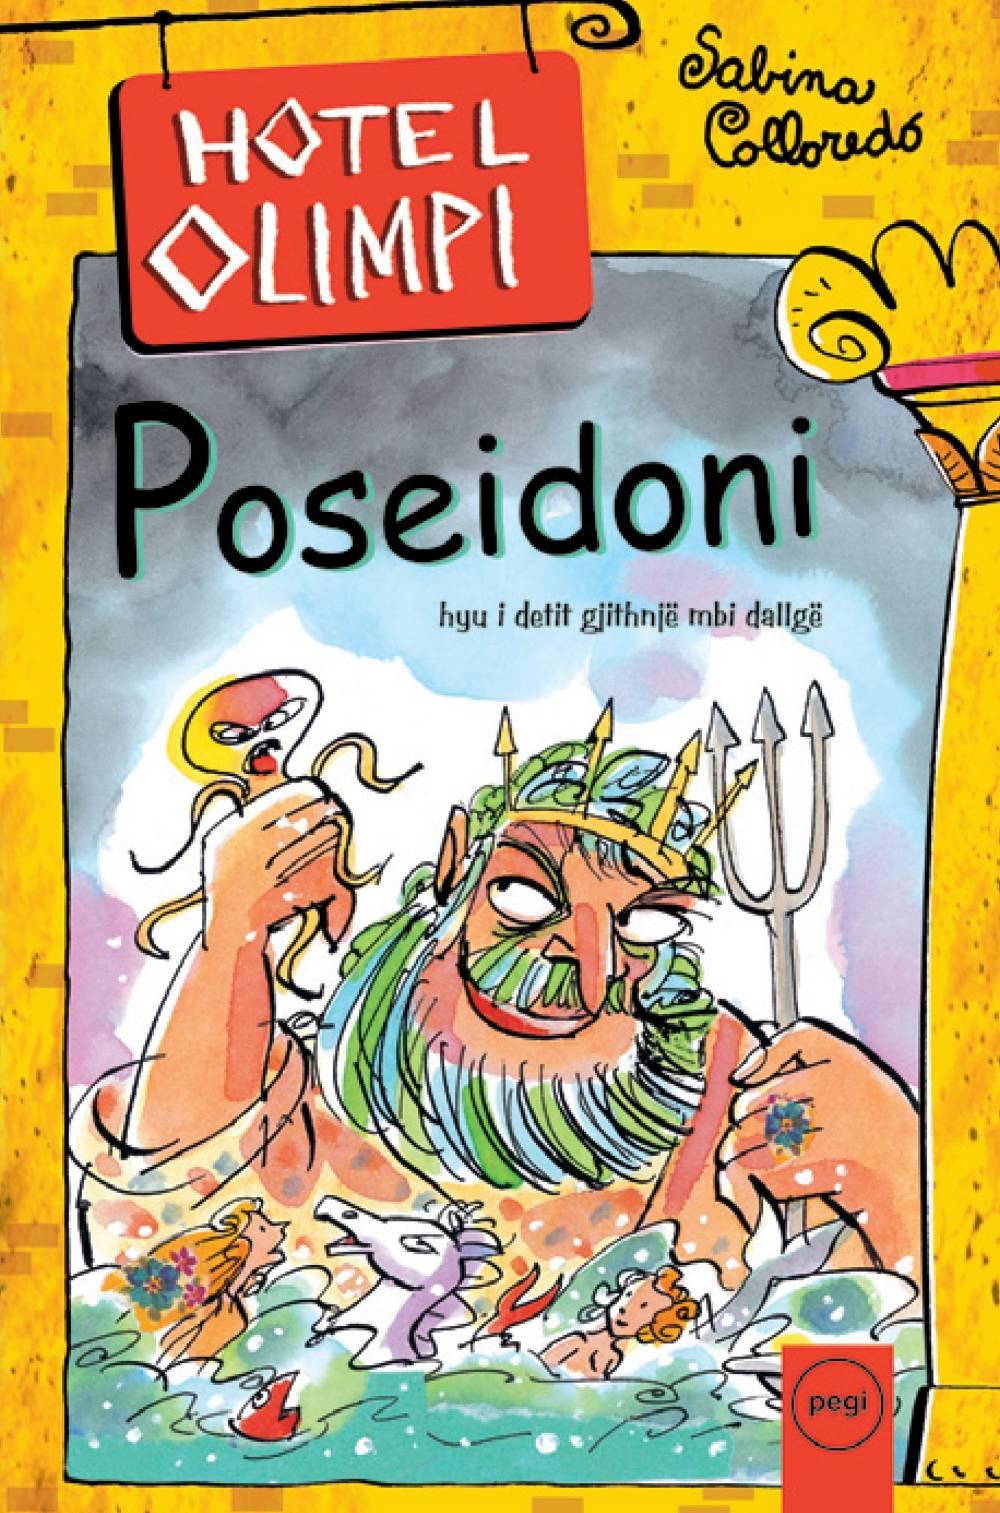 Hotel Olimpi – Poseidoni